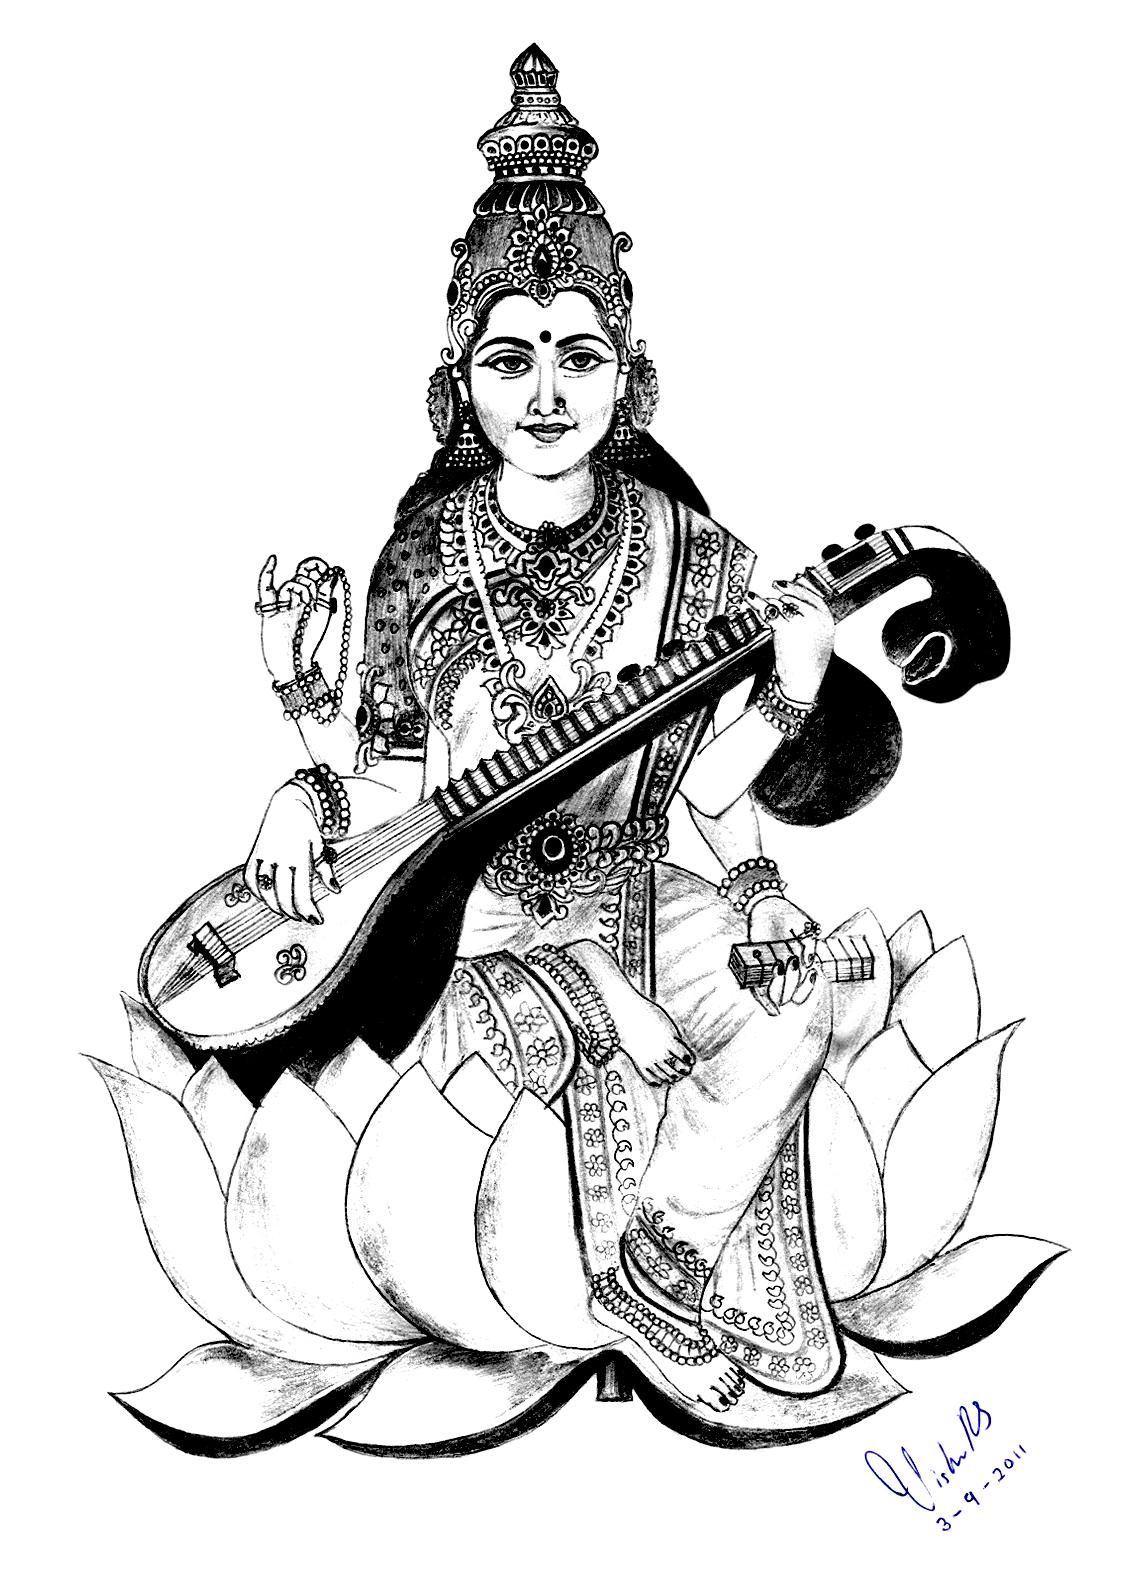 Saraswati à imprimer et colorier, avec énormément de petits détails au niveau des vêtements et de la couronne